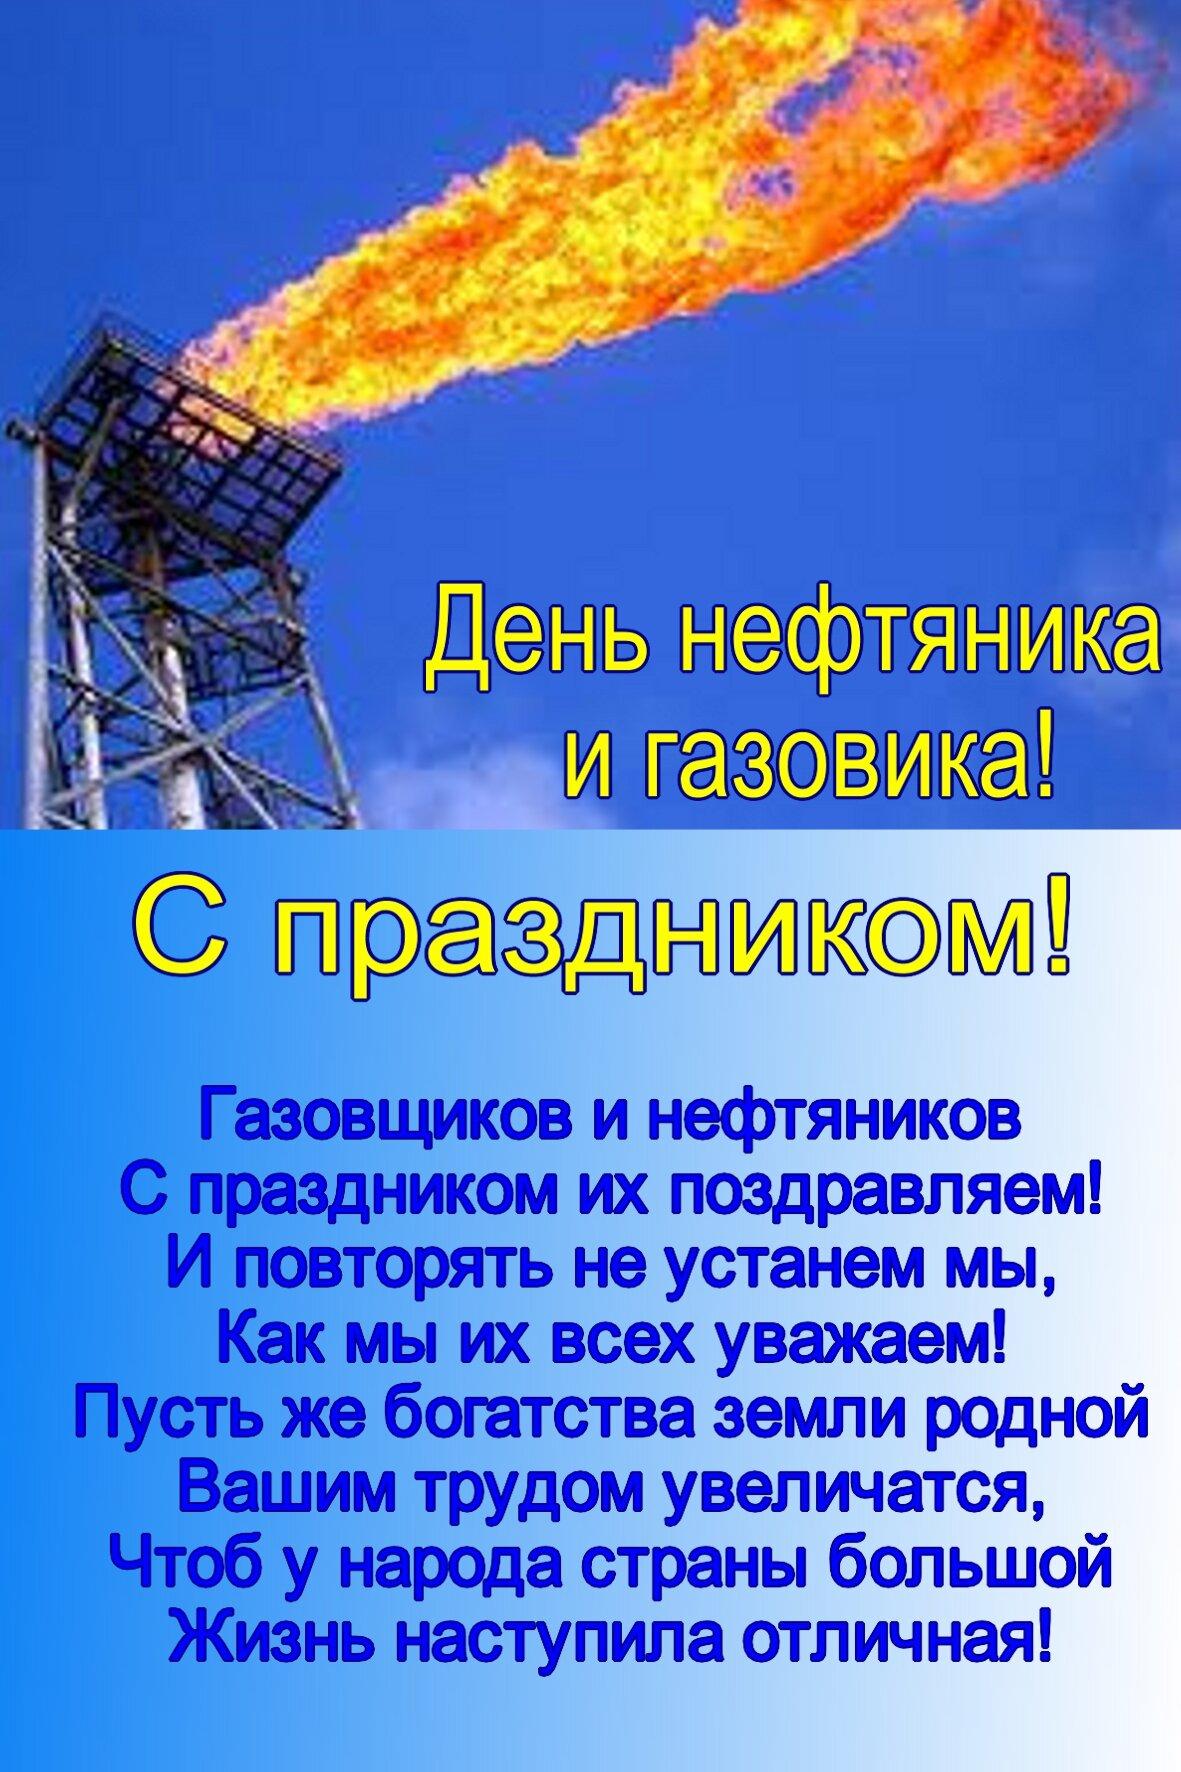 Поздравление открытка с днем нефтяника, днем